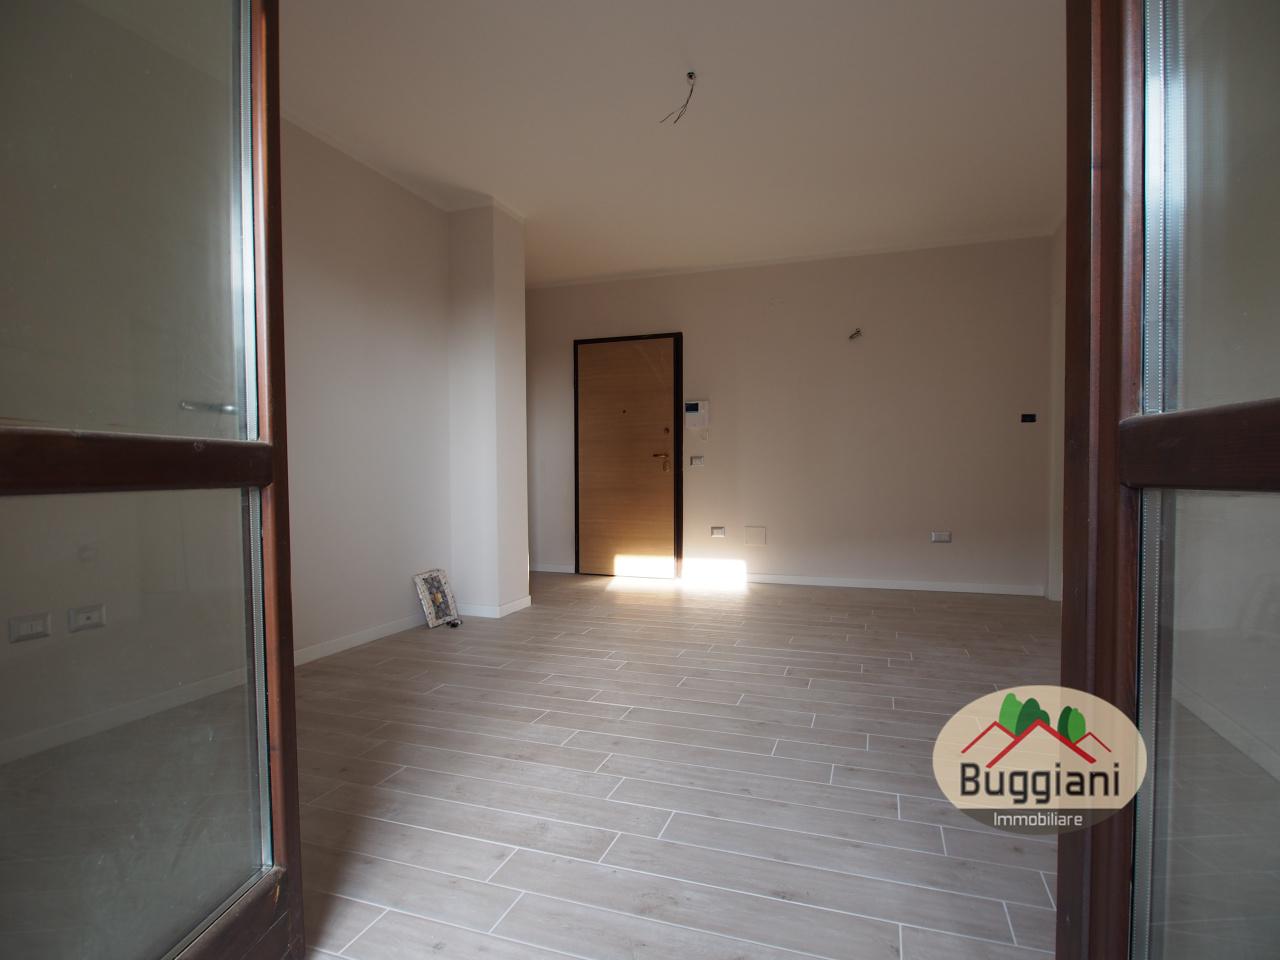 Appartamento in vendita RIF. 2038, Empoli (FI)